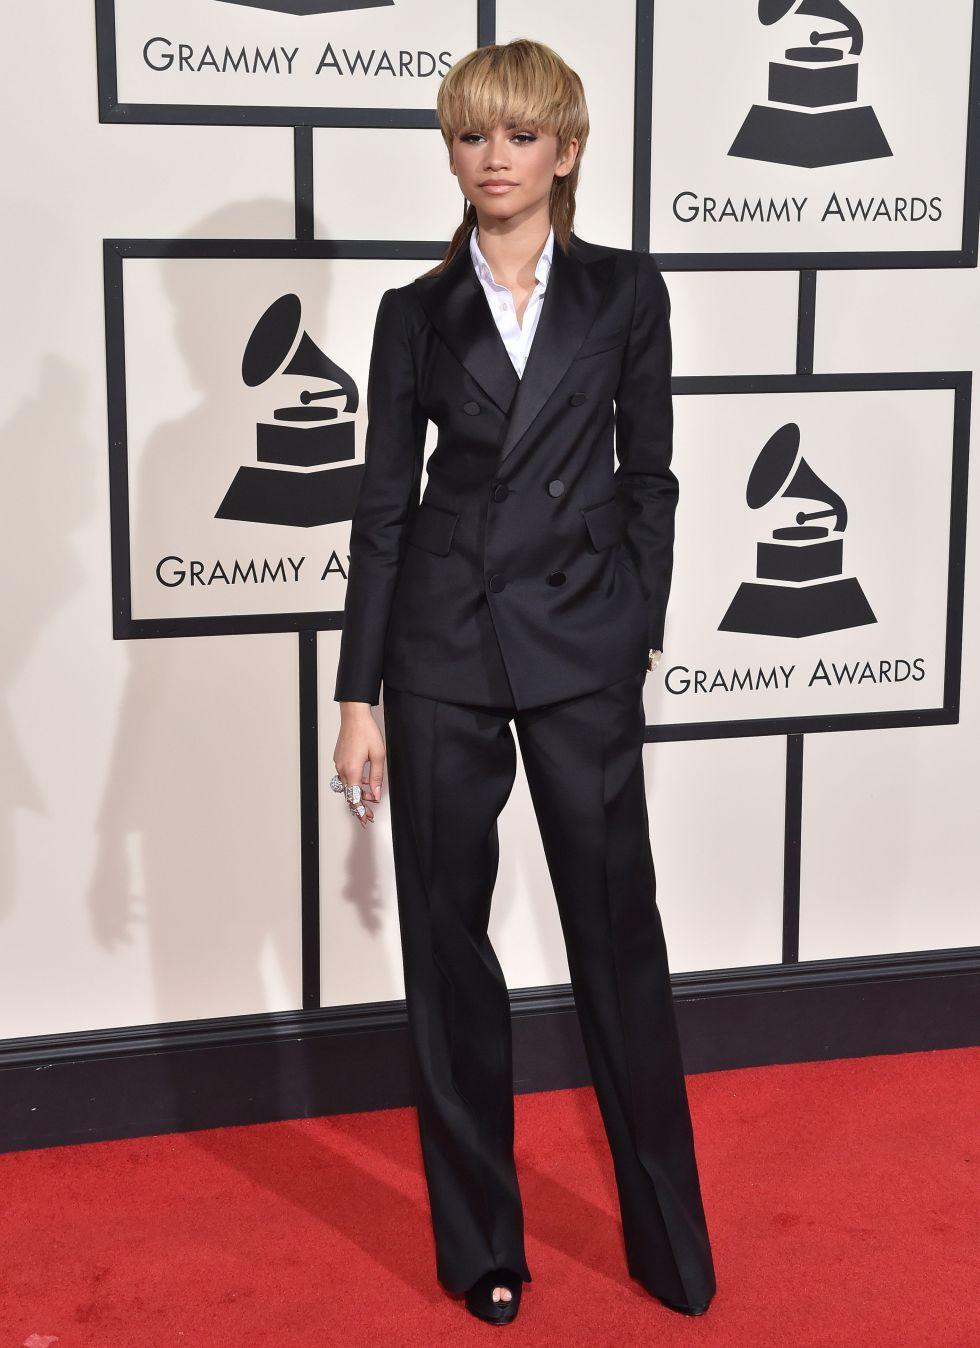 Zandaya, ex chica Disney, con un impecable traje sastre en la última gala de los premios Grammy.